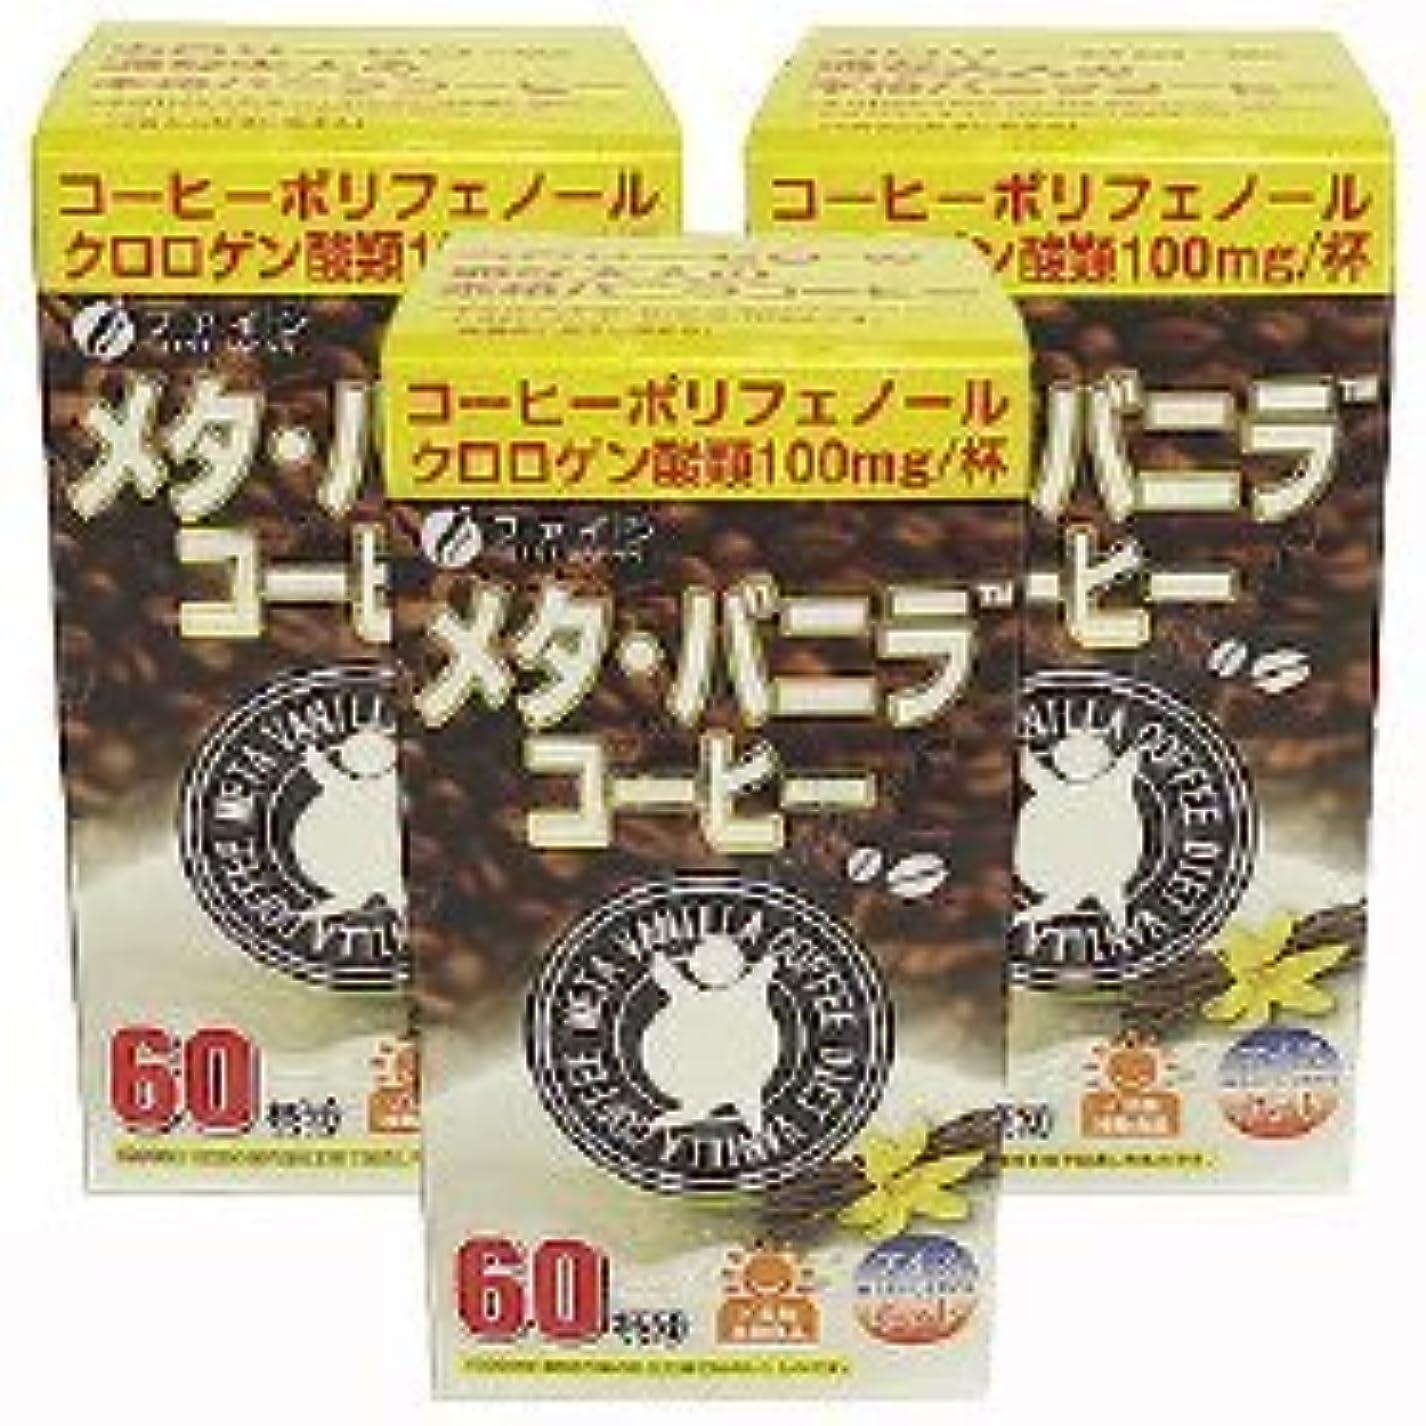 いろいろ浸漬メタバニラコーヒー【3箱セット】ファイン